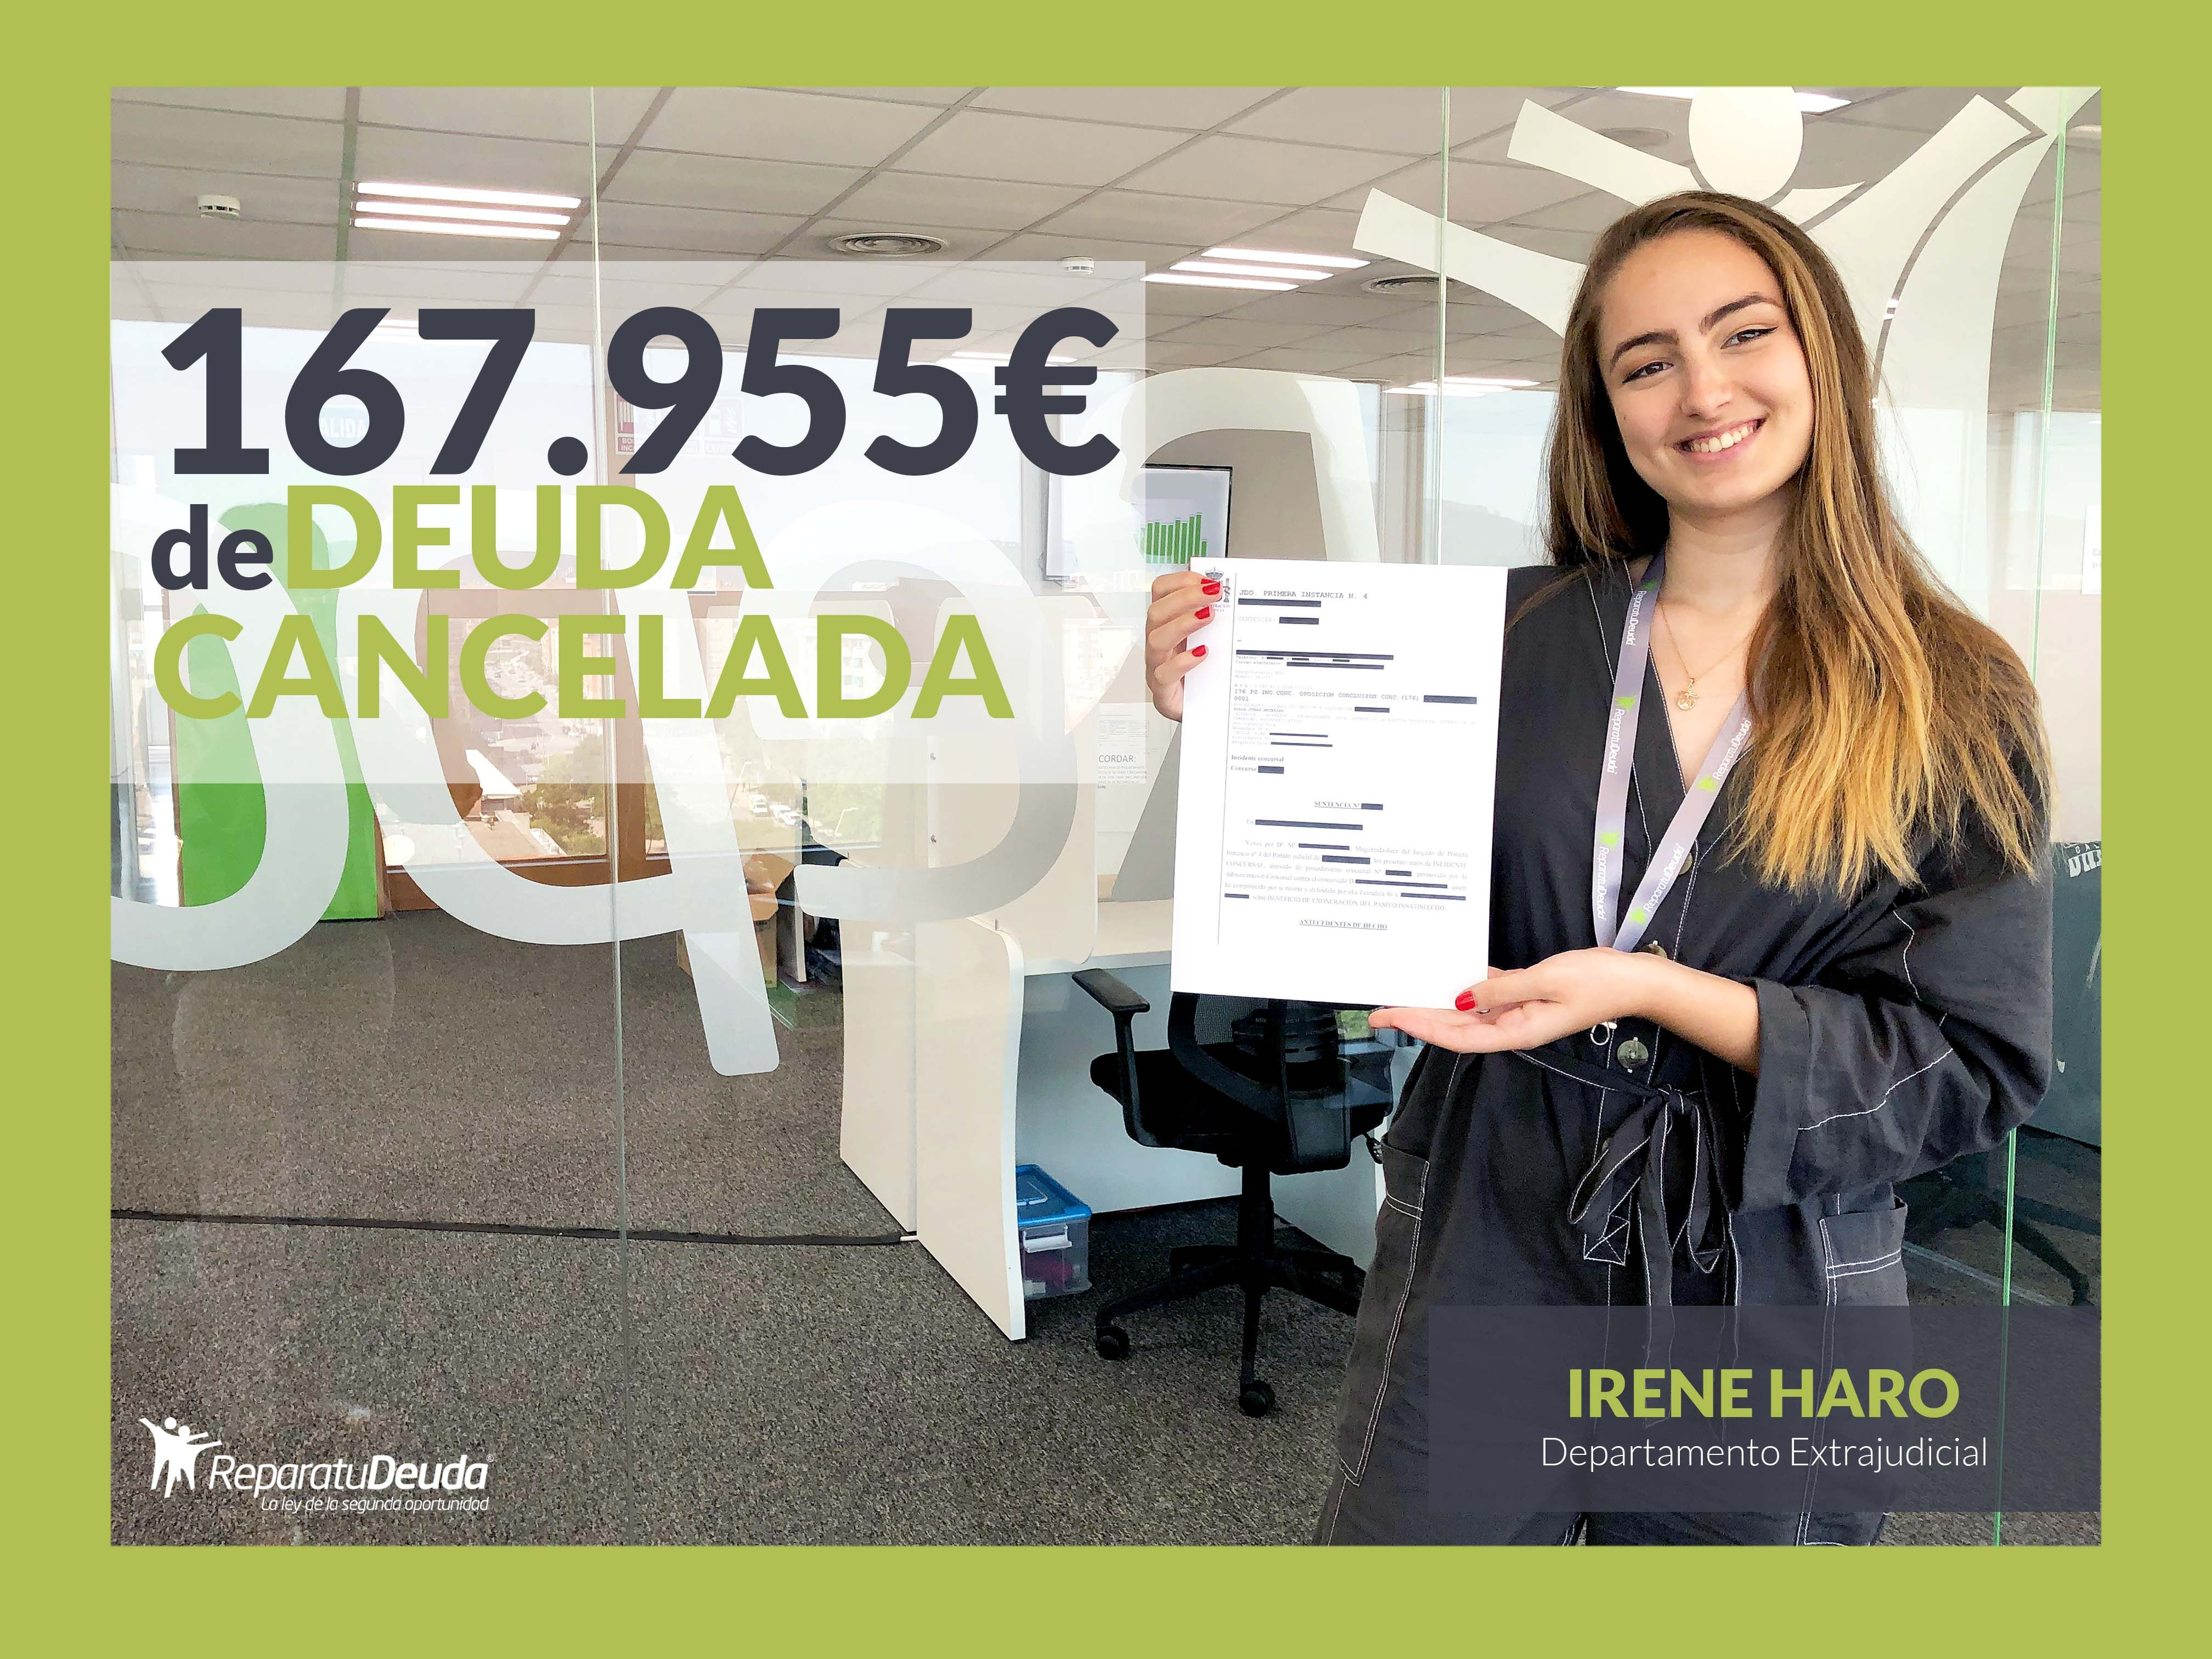 Repara tu Deuda abogados cancela 481.359 € de deuda en Lleida, con la Ley de la Segunda oportunidad